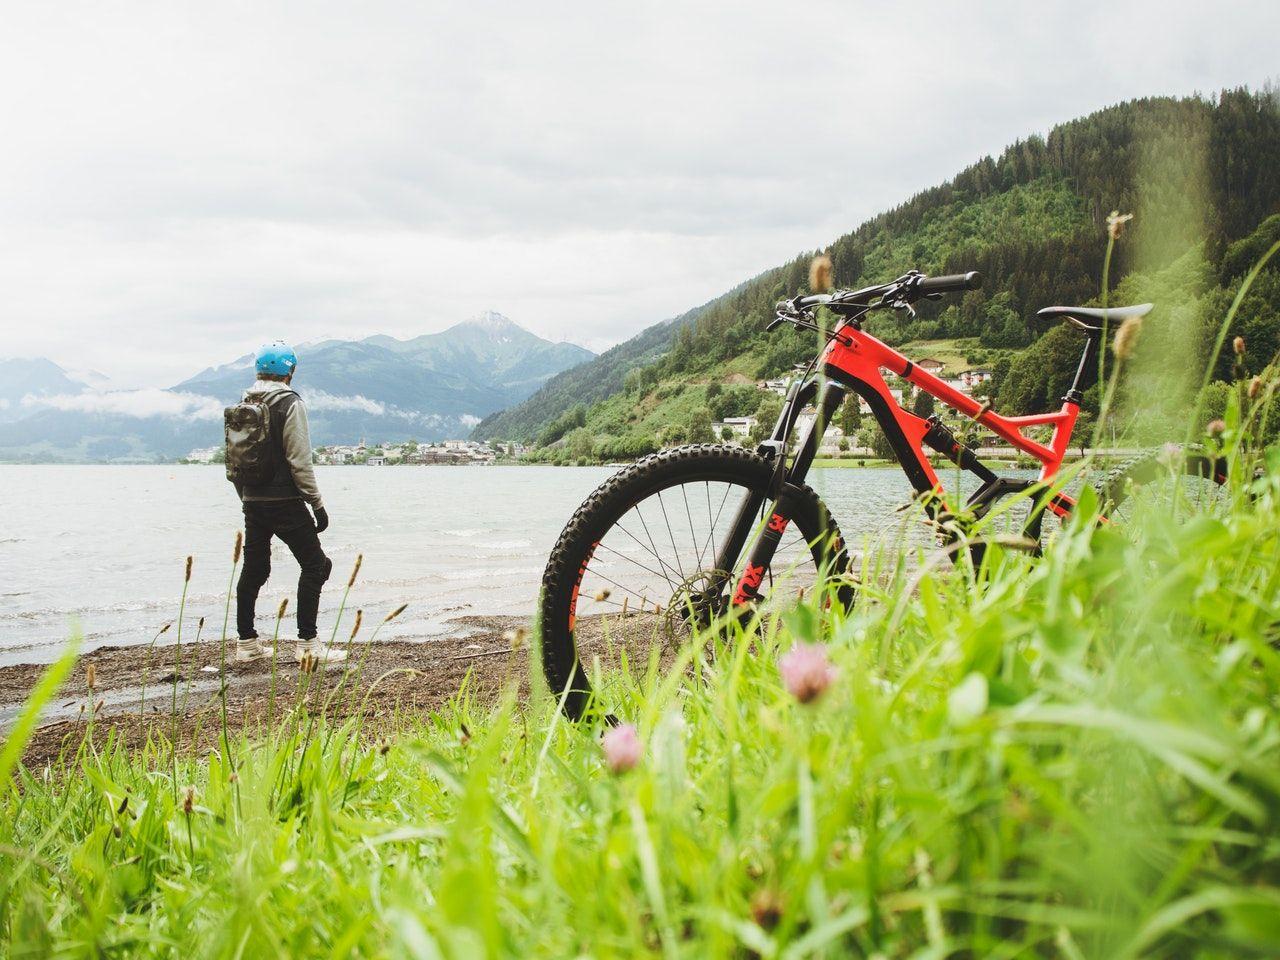 Bagażnik rowerowy - gdzie kupić, gdzie wypożyczyć?